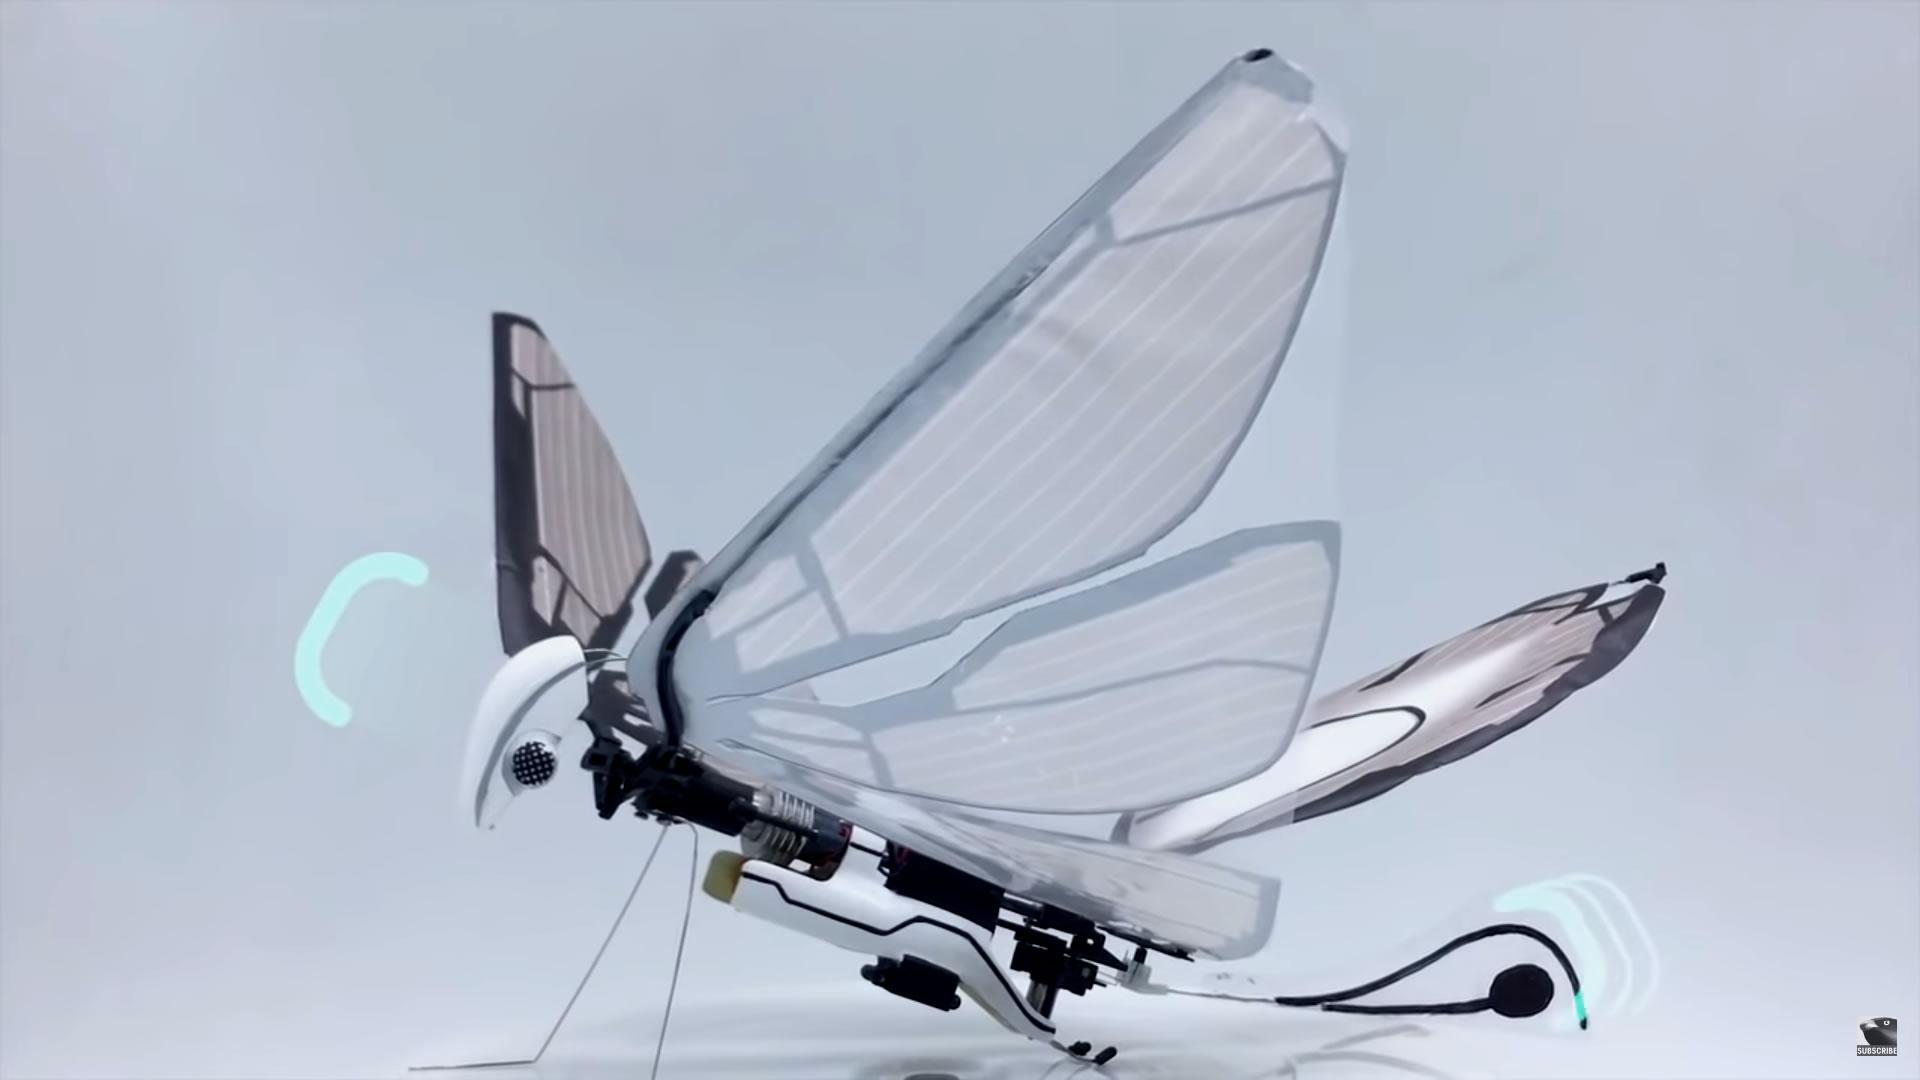 很想要吧!可讓你遙控會拍翼而飛的昆蟲玩具MetaFly